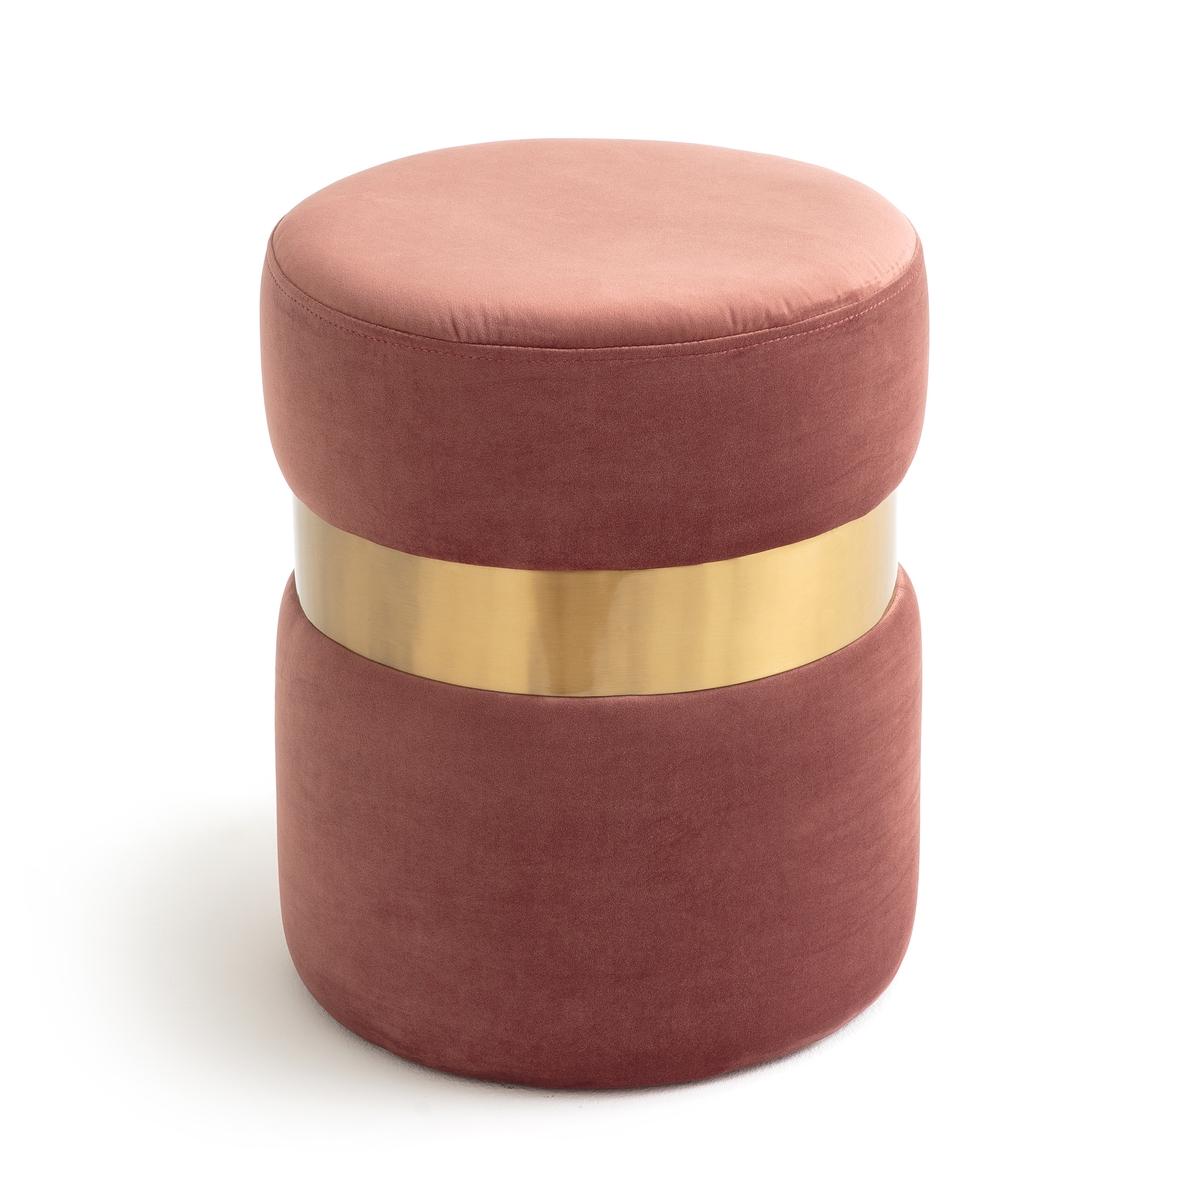 Пуф LaRedoute Велюровый LUXORE единый размер розовый